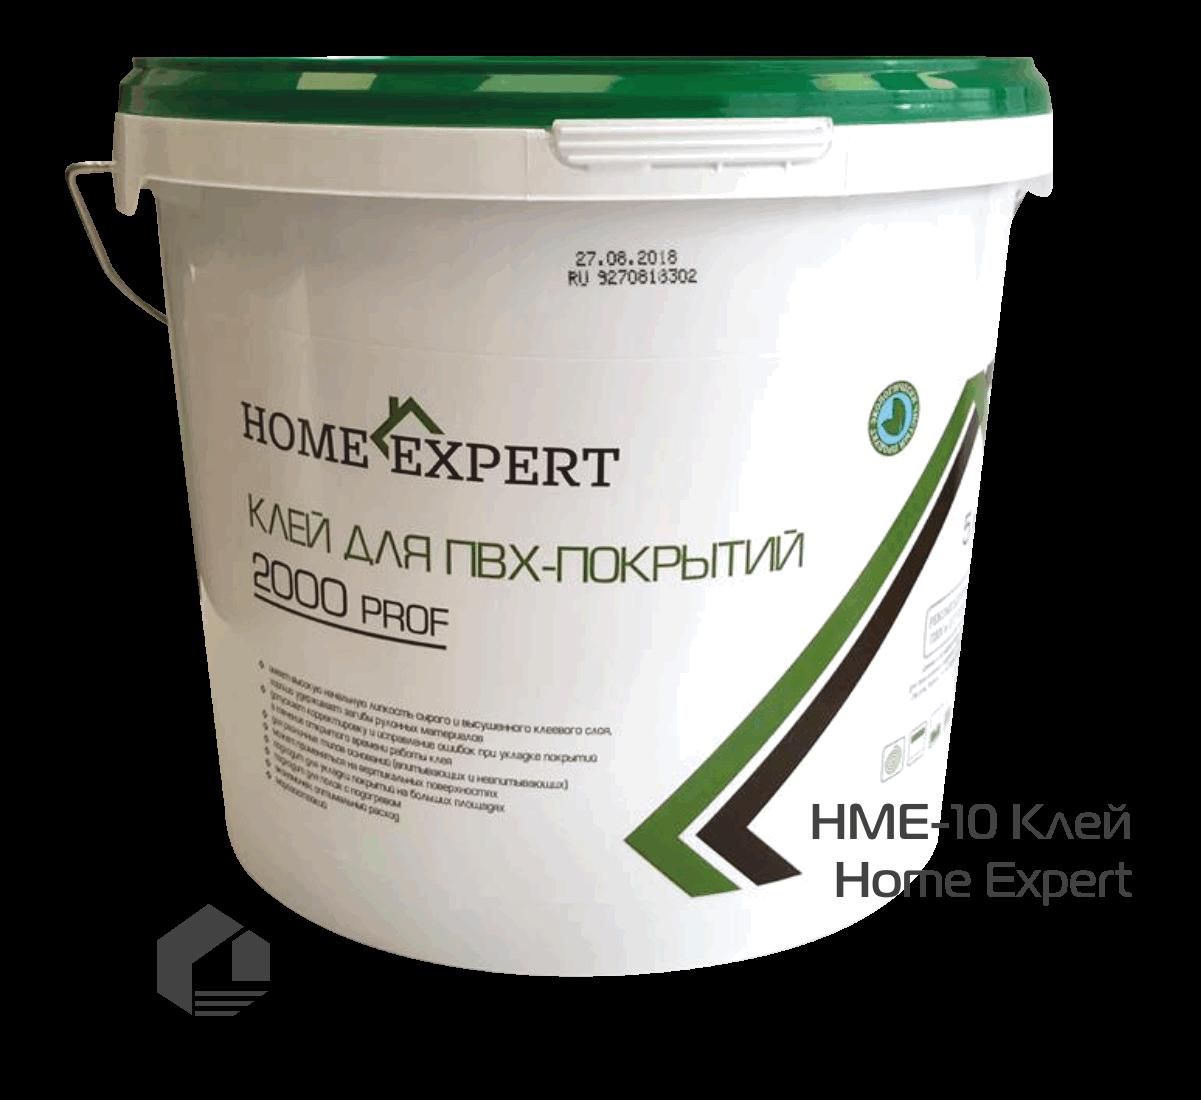 Клей для ПВХ плитки Forbo Home Expert 2000 PROF 10кг